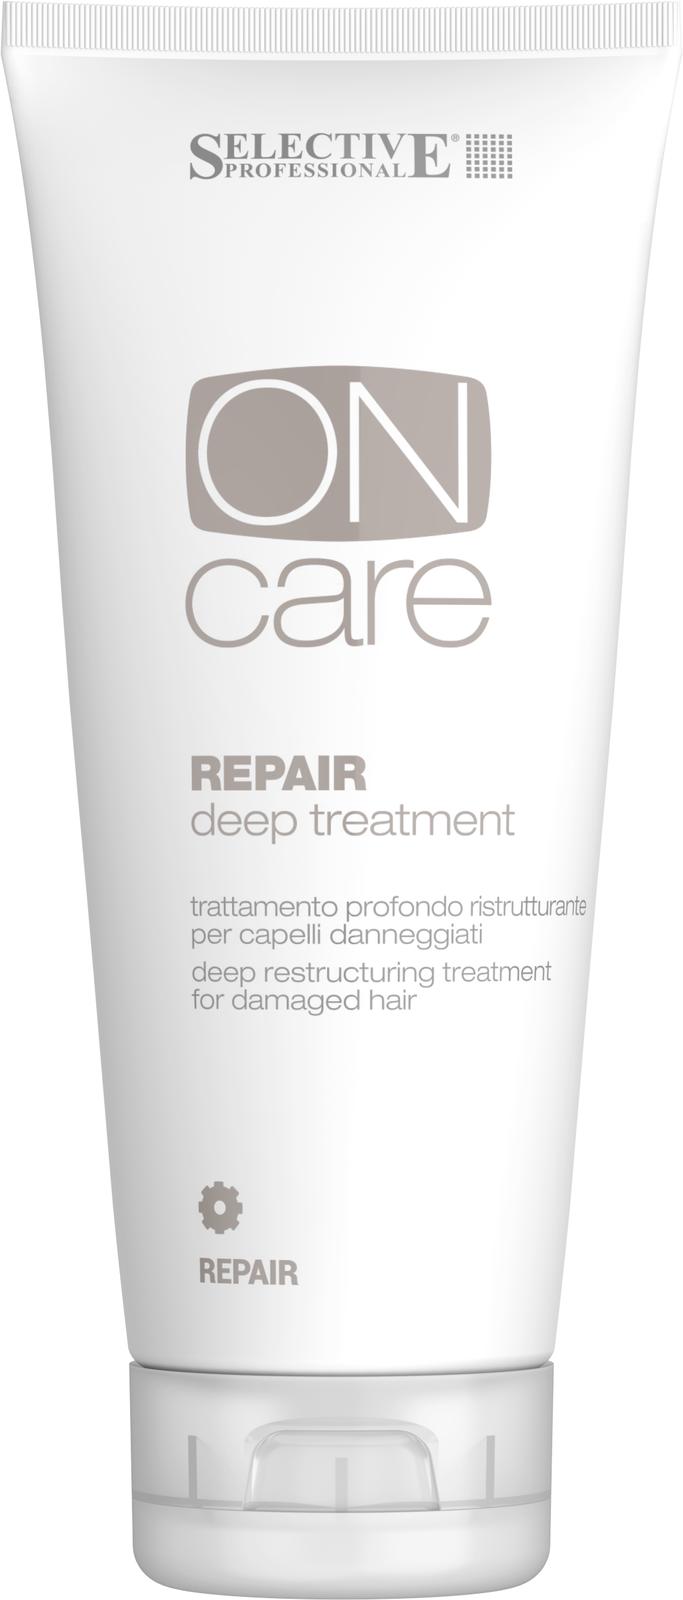 SELECTIVE PROFESSIONAL Средство глубокого восстановления поврежденных волос / On Care Repair 250 мл от Галерея Косметики